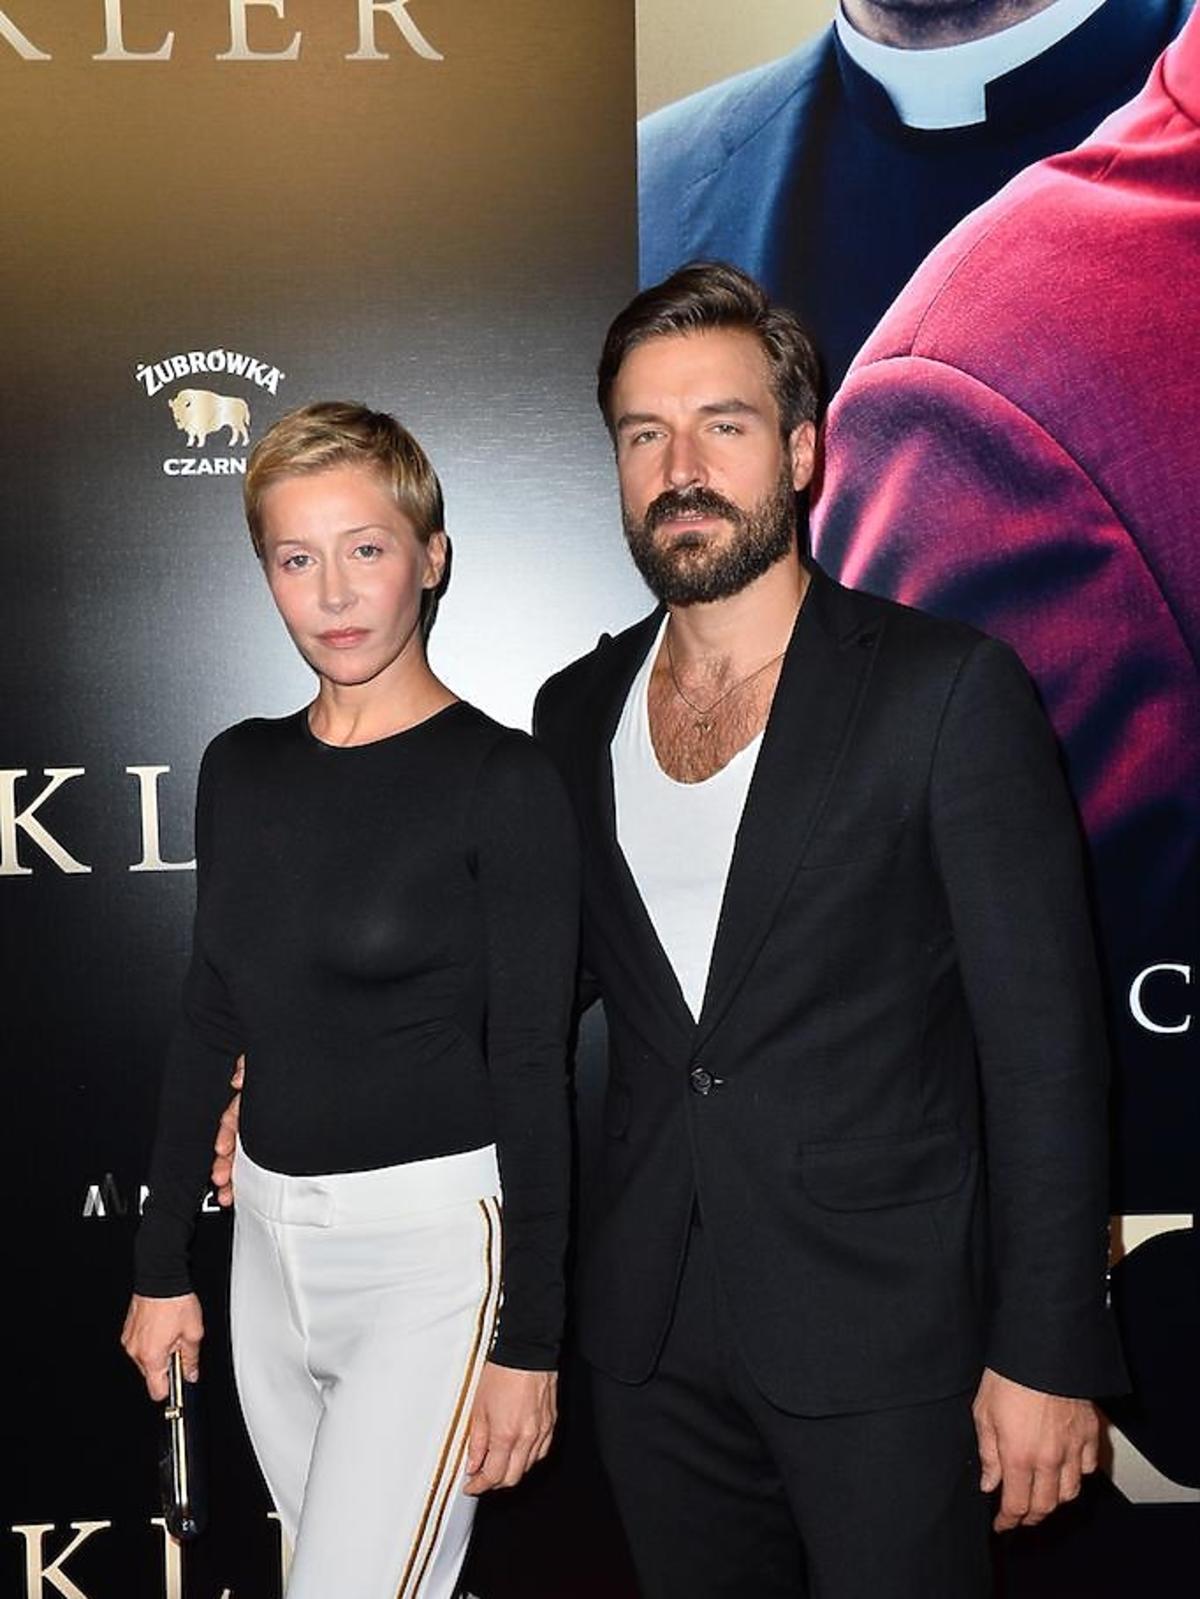 Kasia Warnke i Piotr Stramowski na premierze filmu Kler